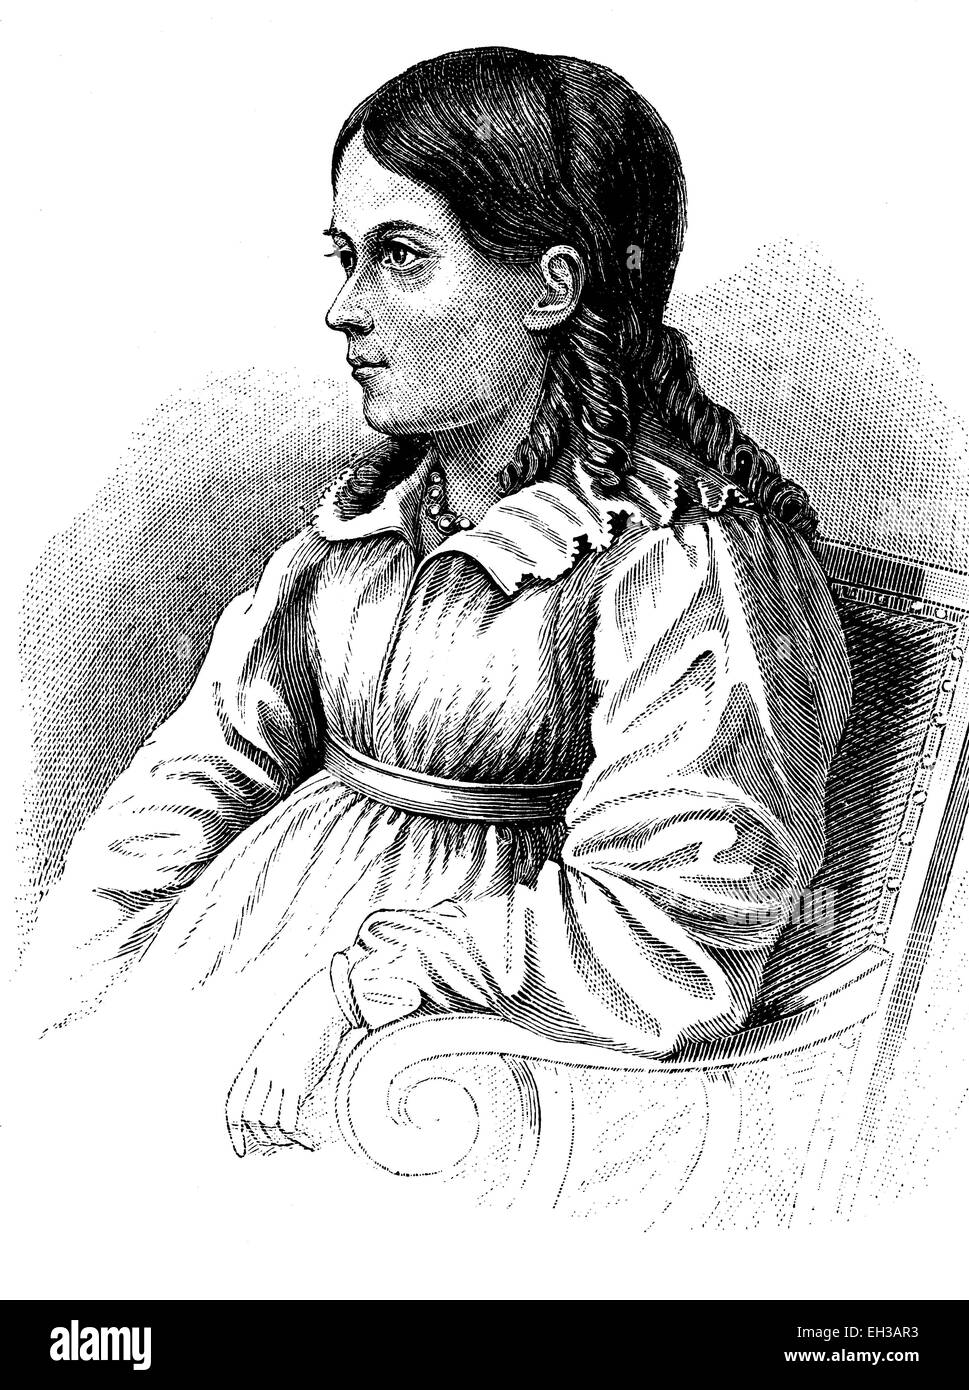 Bettina von Arnim, geboren Elisabeth Catharina Ludovica Magdalena Brentano, auch Bettine 1785-1859, eine deutsche Stockbild